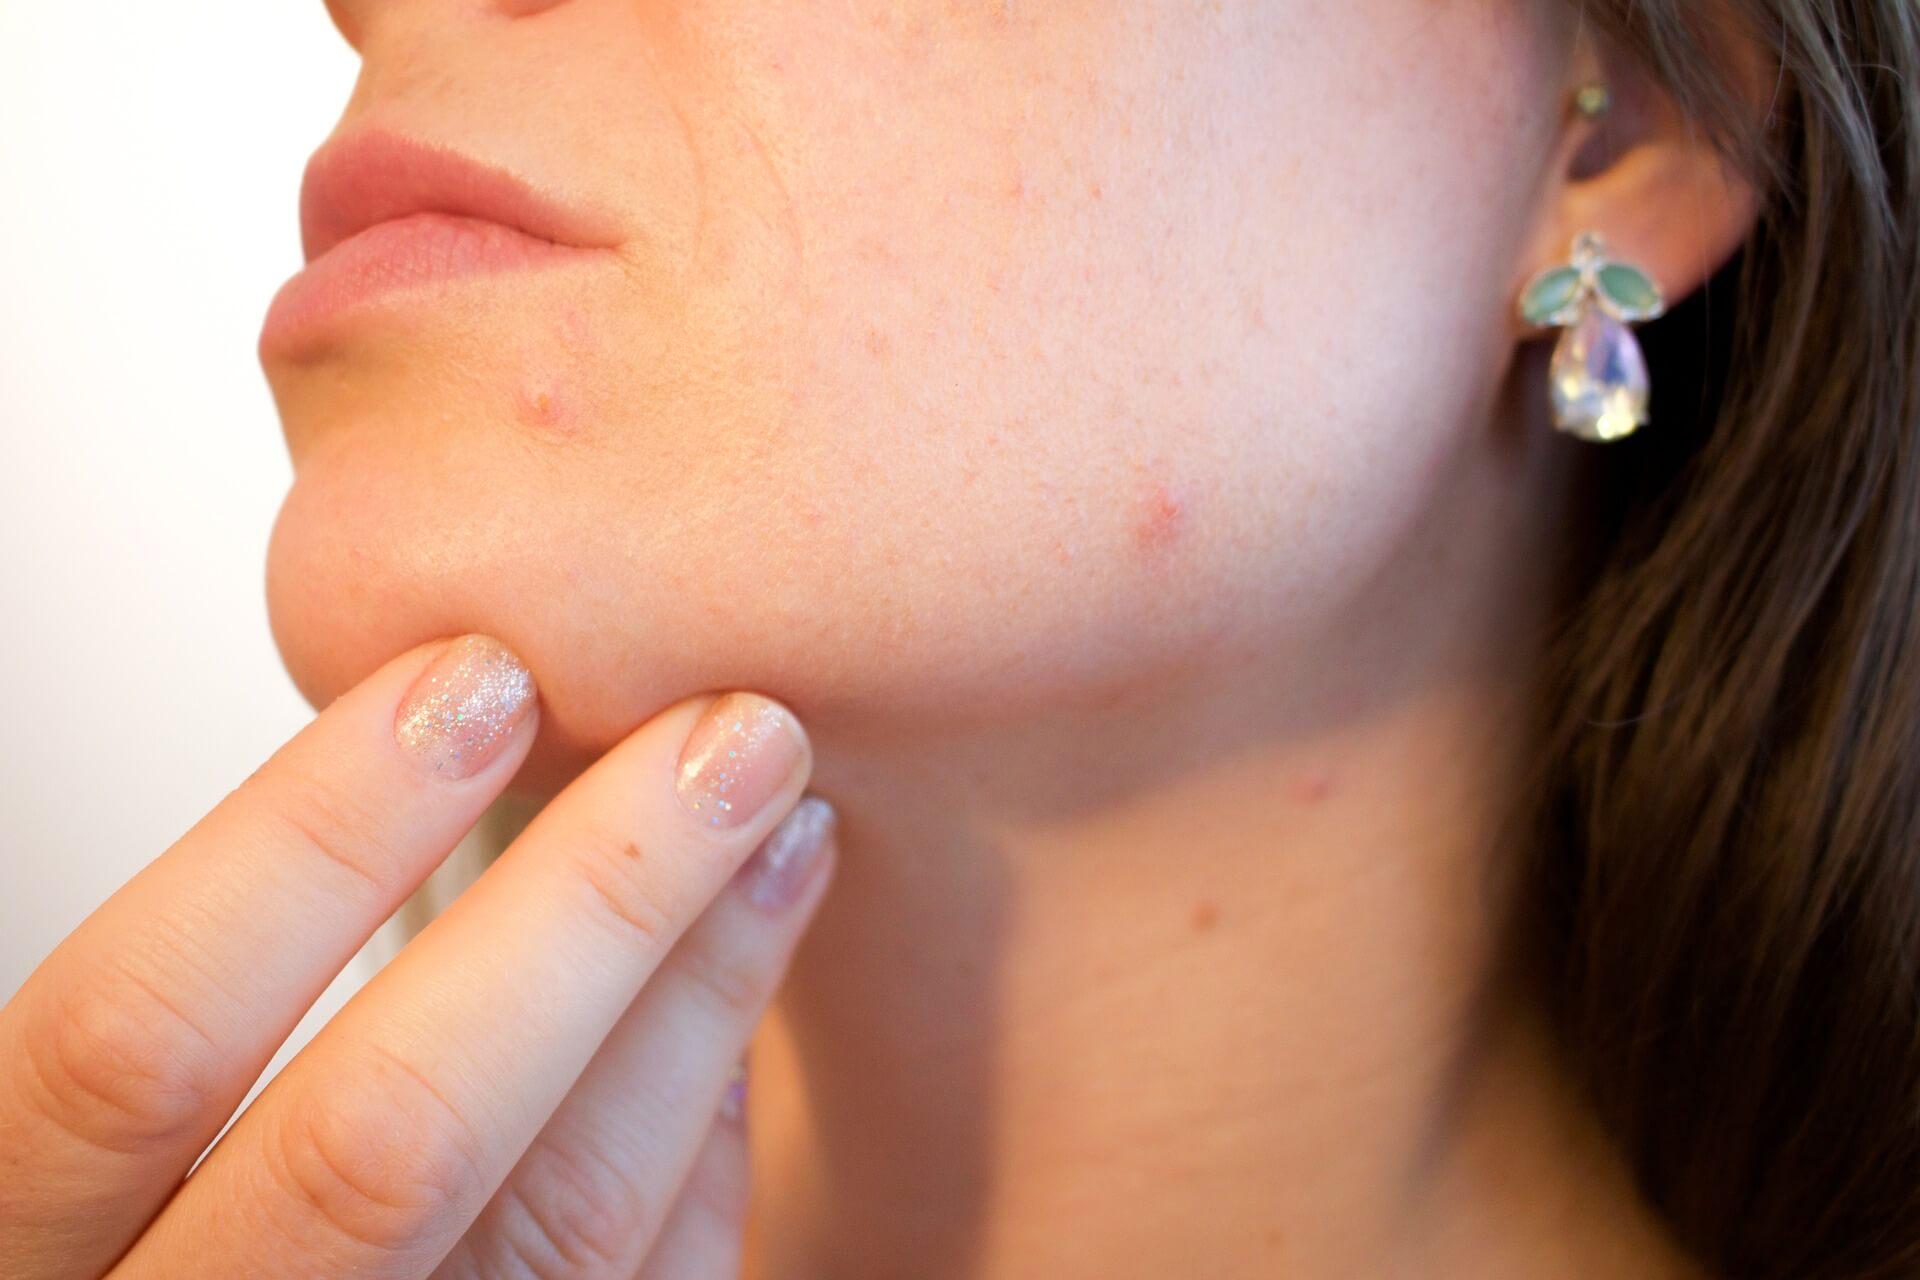 花粉でなぜ肌荒れ?「花粉皮膚炎」の原因や今すぐ実践したいケア方法をご紹介!